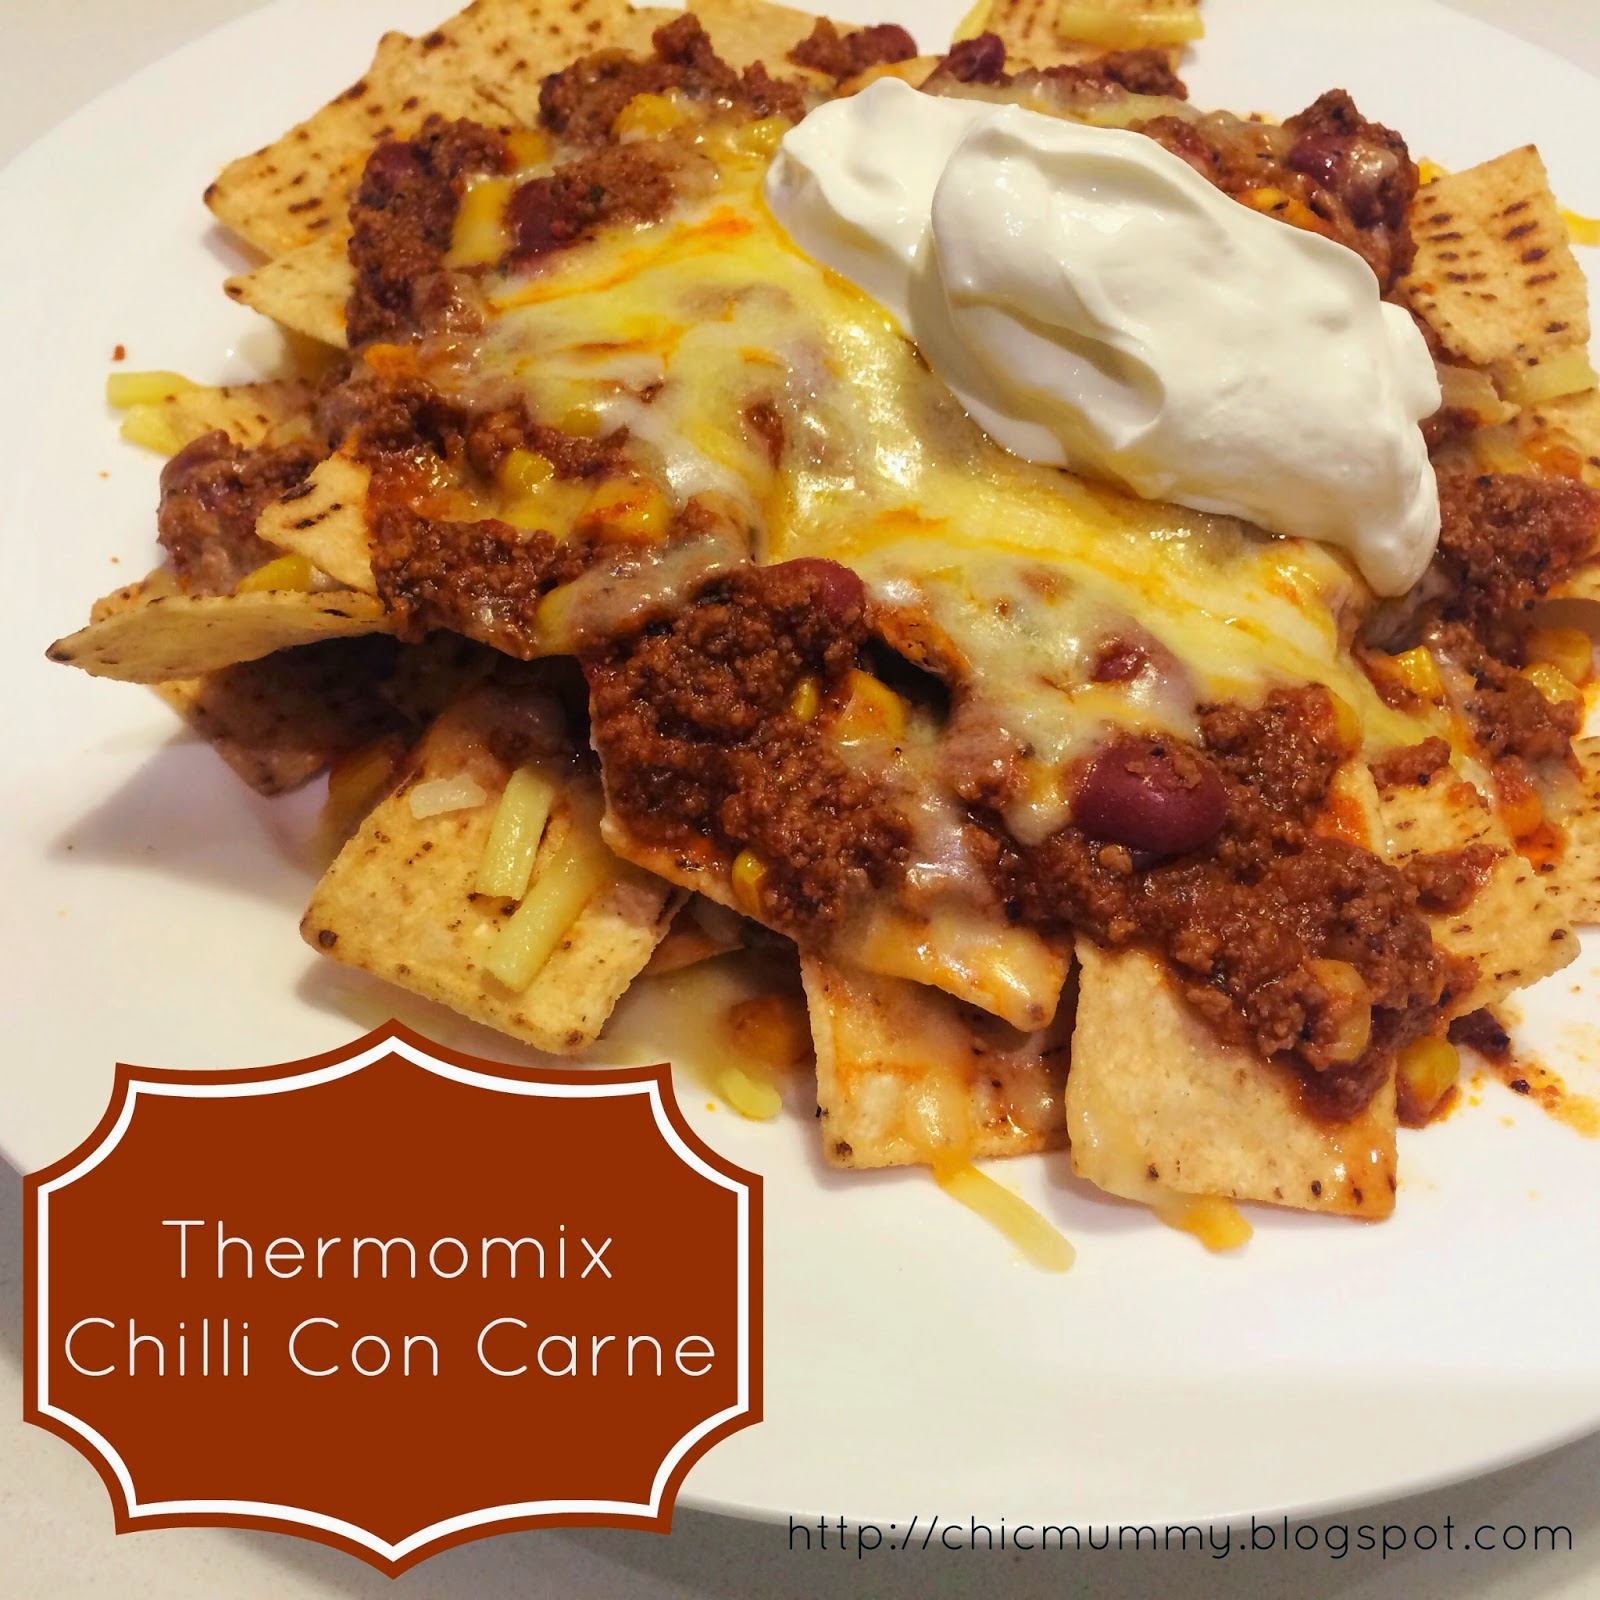 http://chicmummy.blogspot.com.au/2014/04/thermomix-chilli-con-carne.html